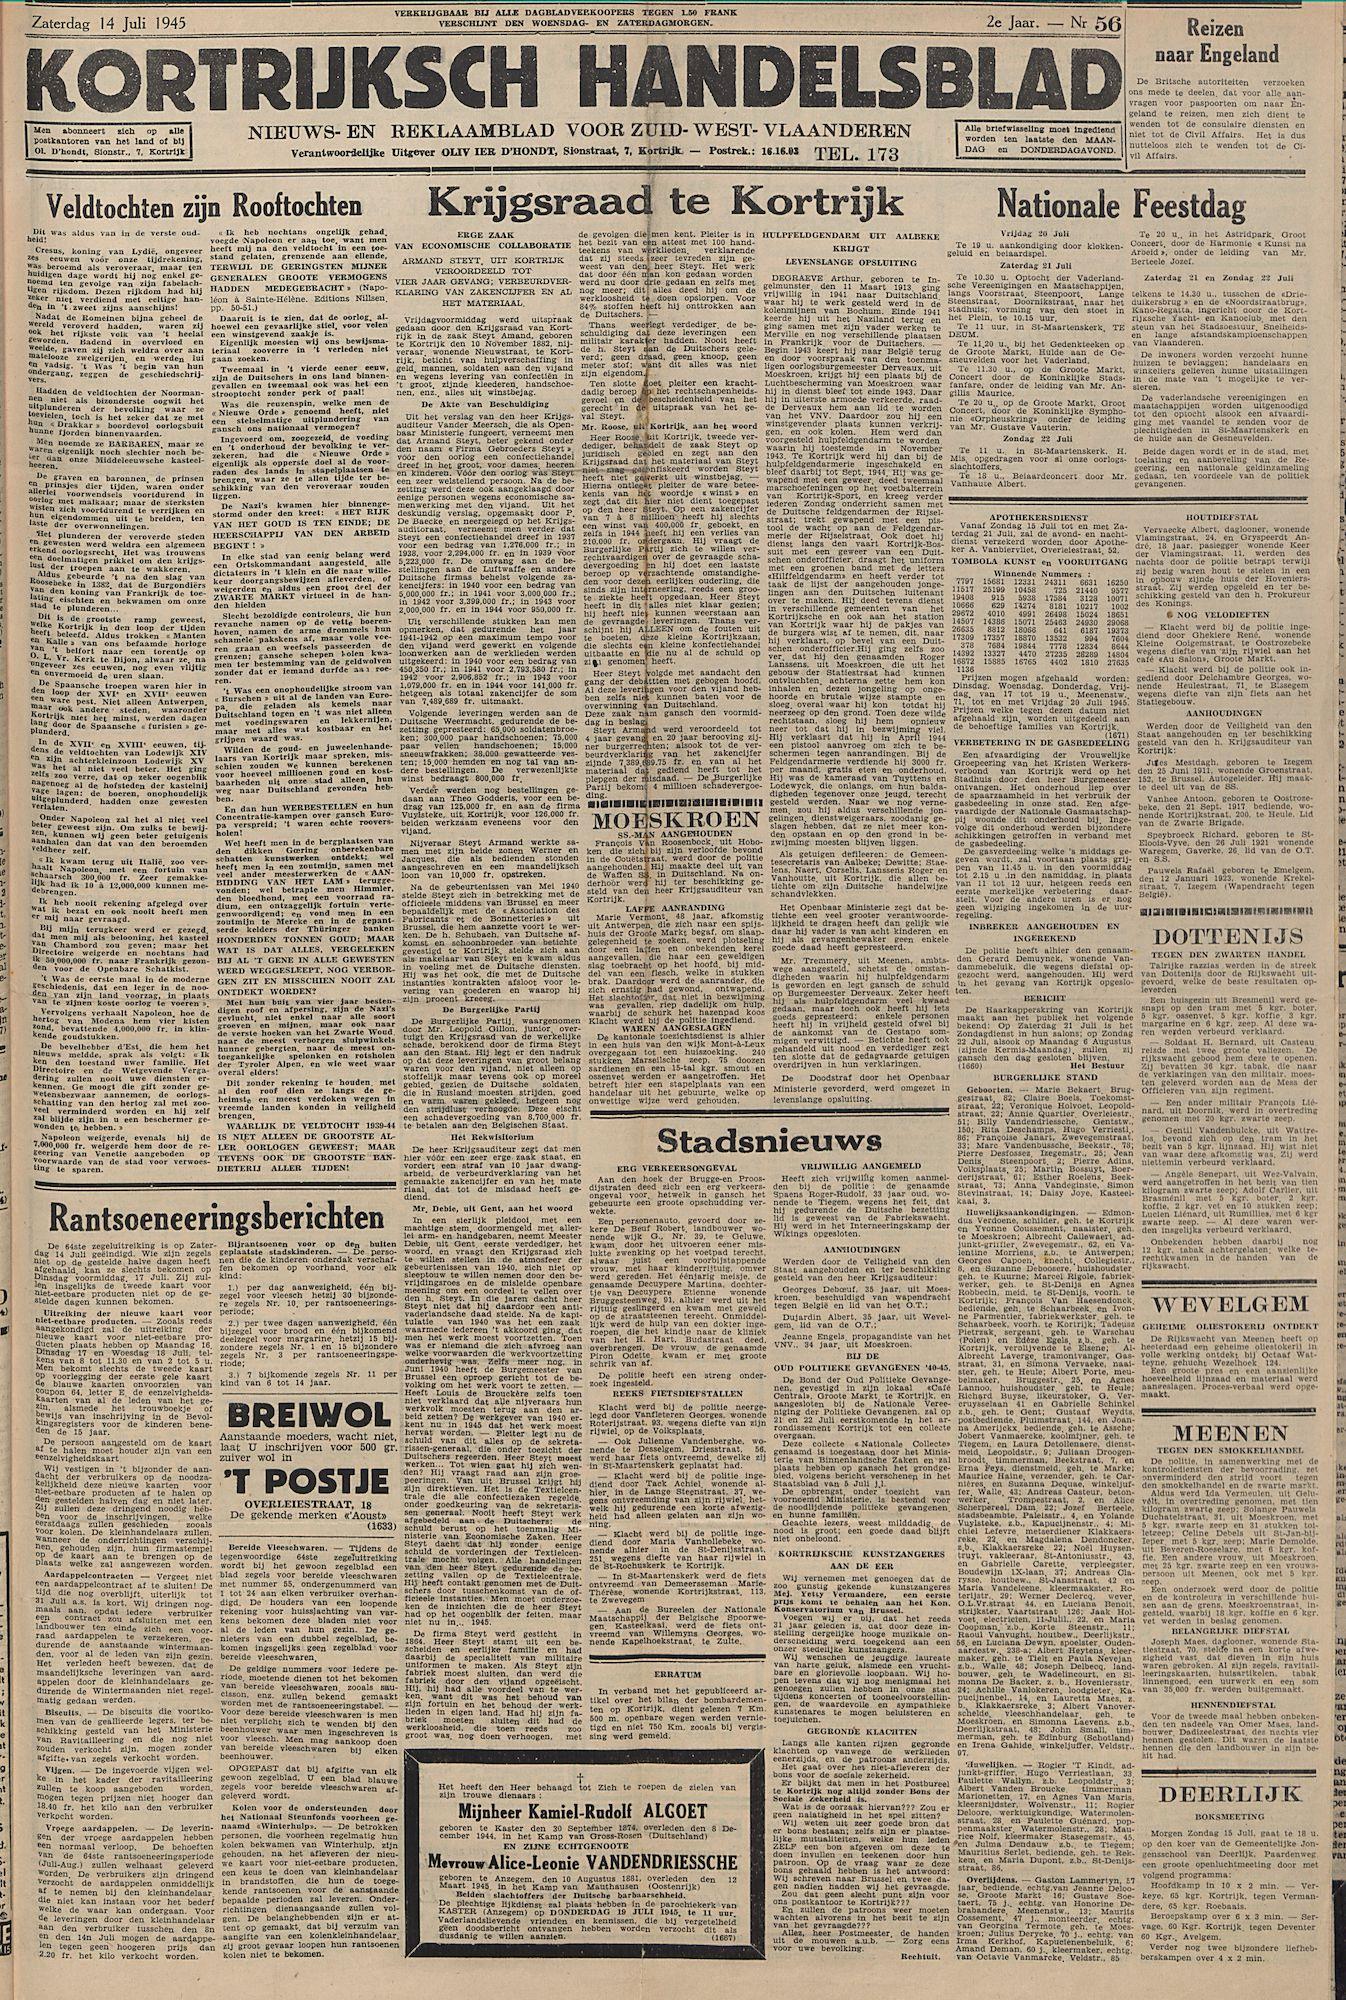 Kortrijksch Handelsblad 14 juli 1945 Nr56 p1